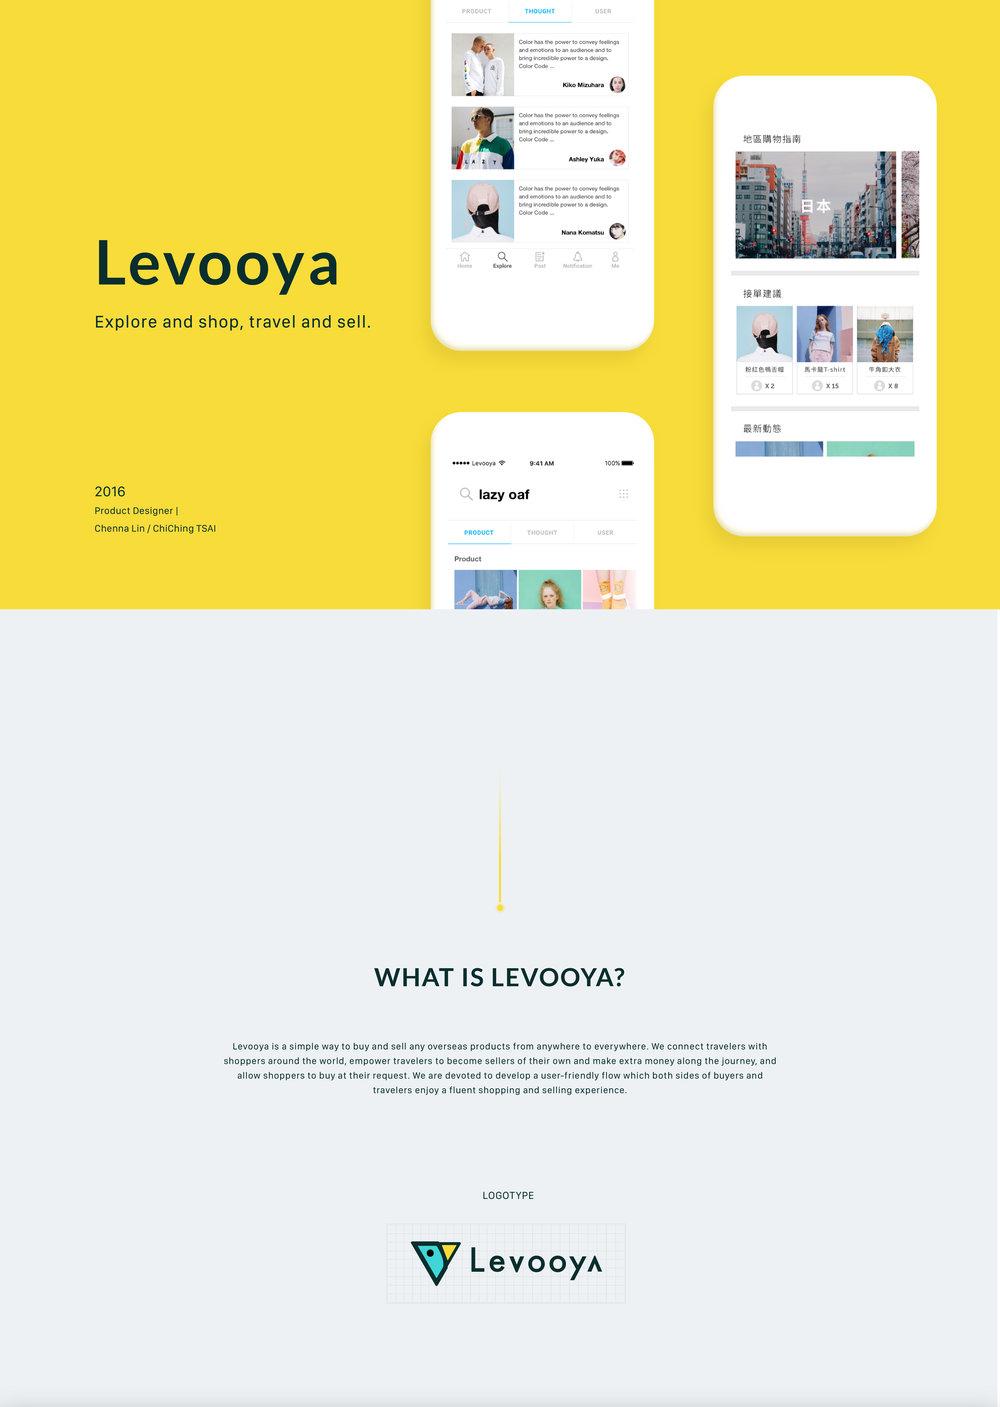 Levooya_1@3x-100.jpg